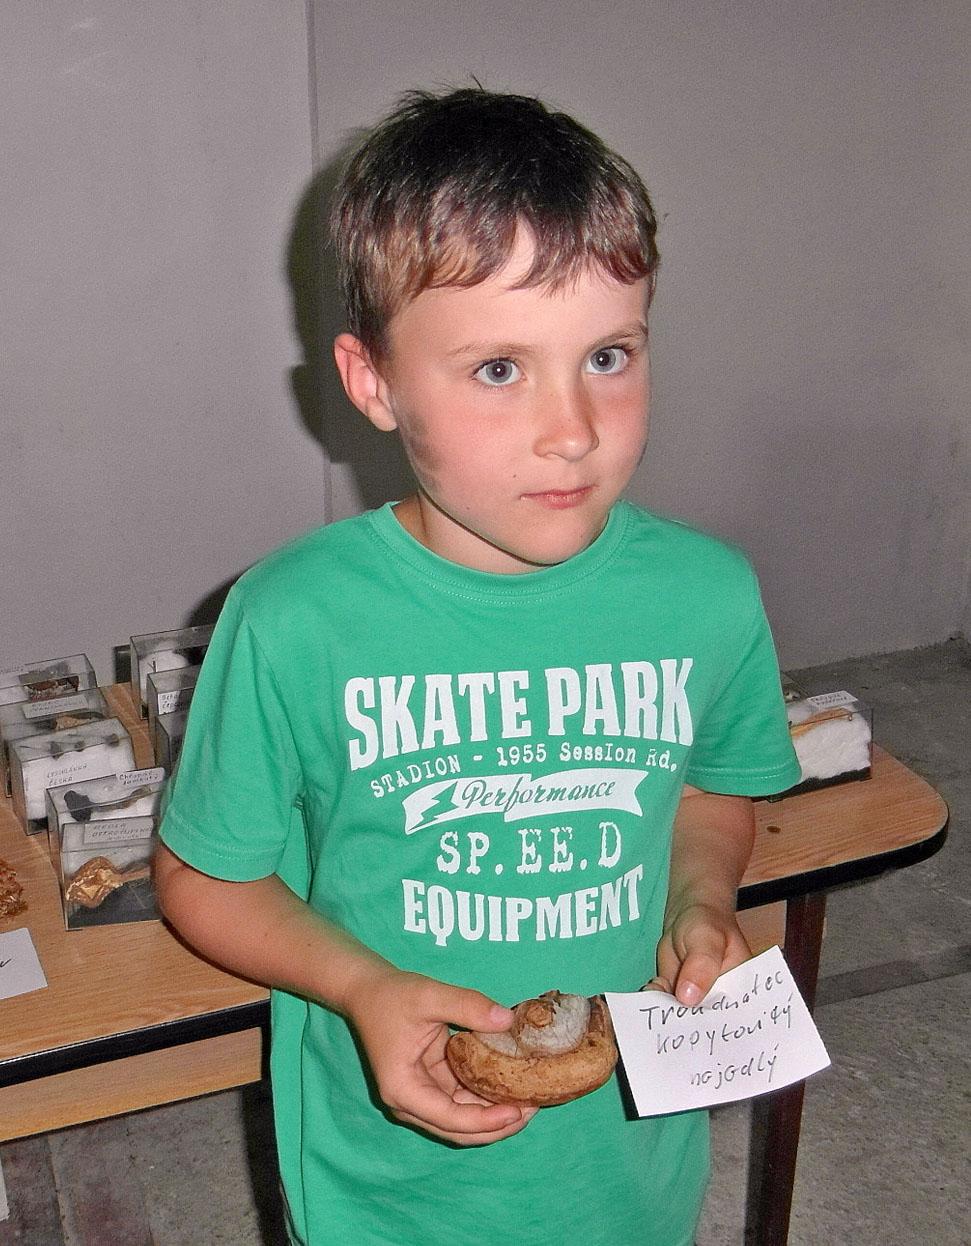 také malý Pepa přispěl svým nálezem ku zdaru výstavy